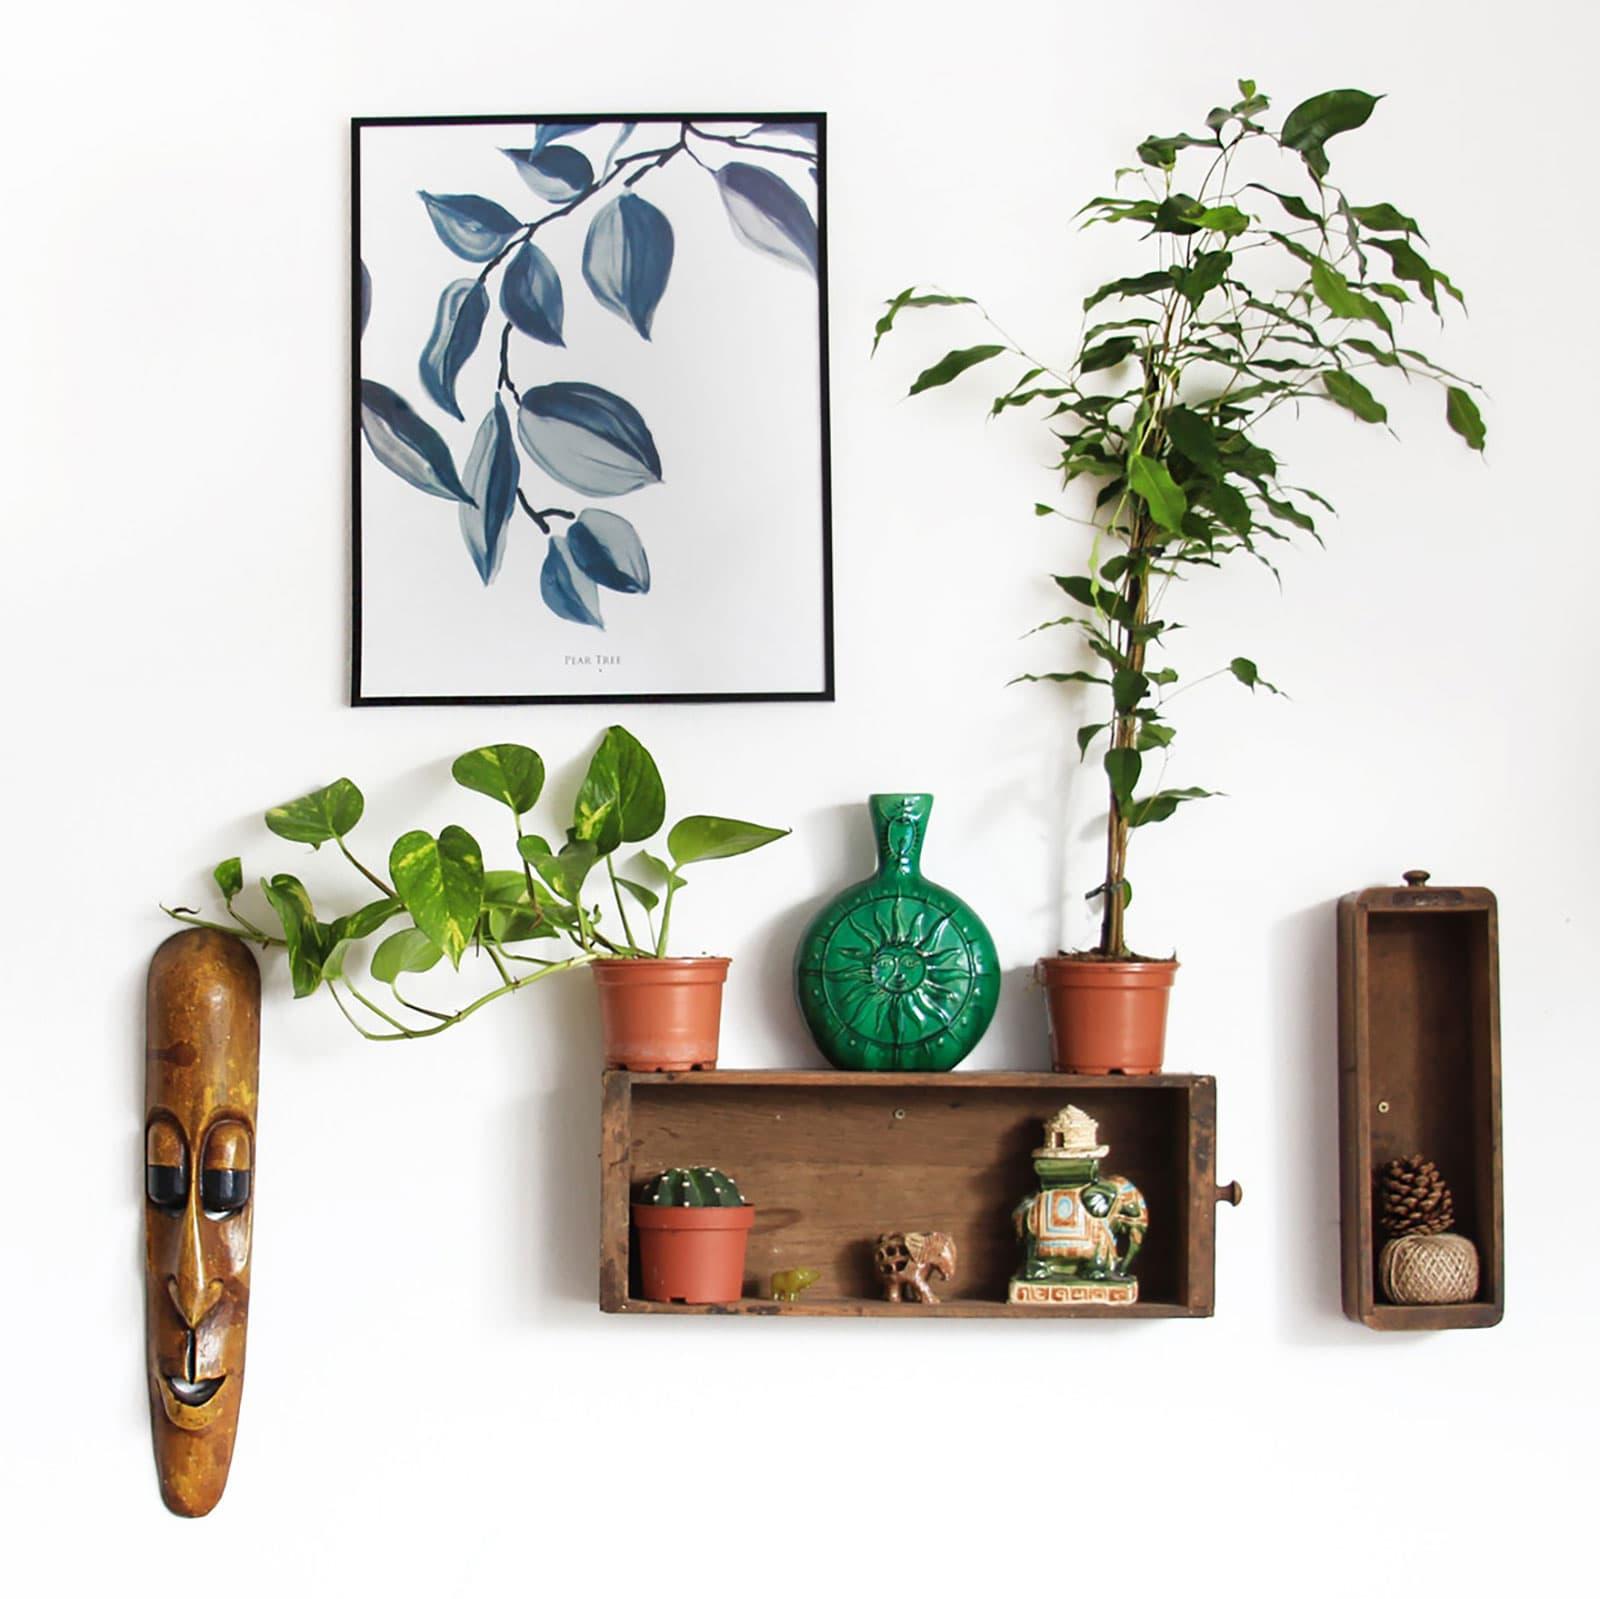 samling av handgjorda föremål på väggen